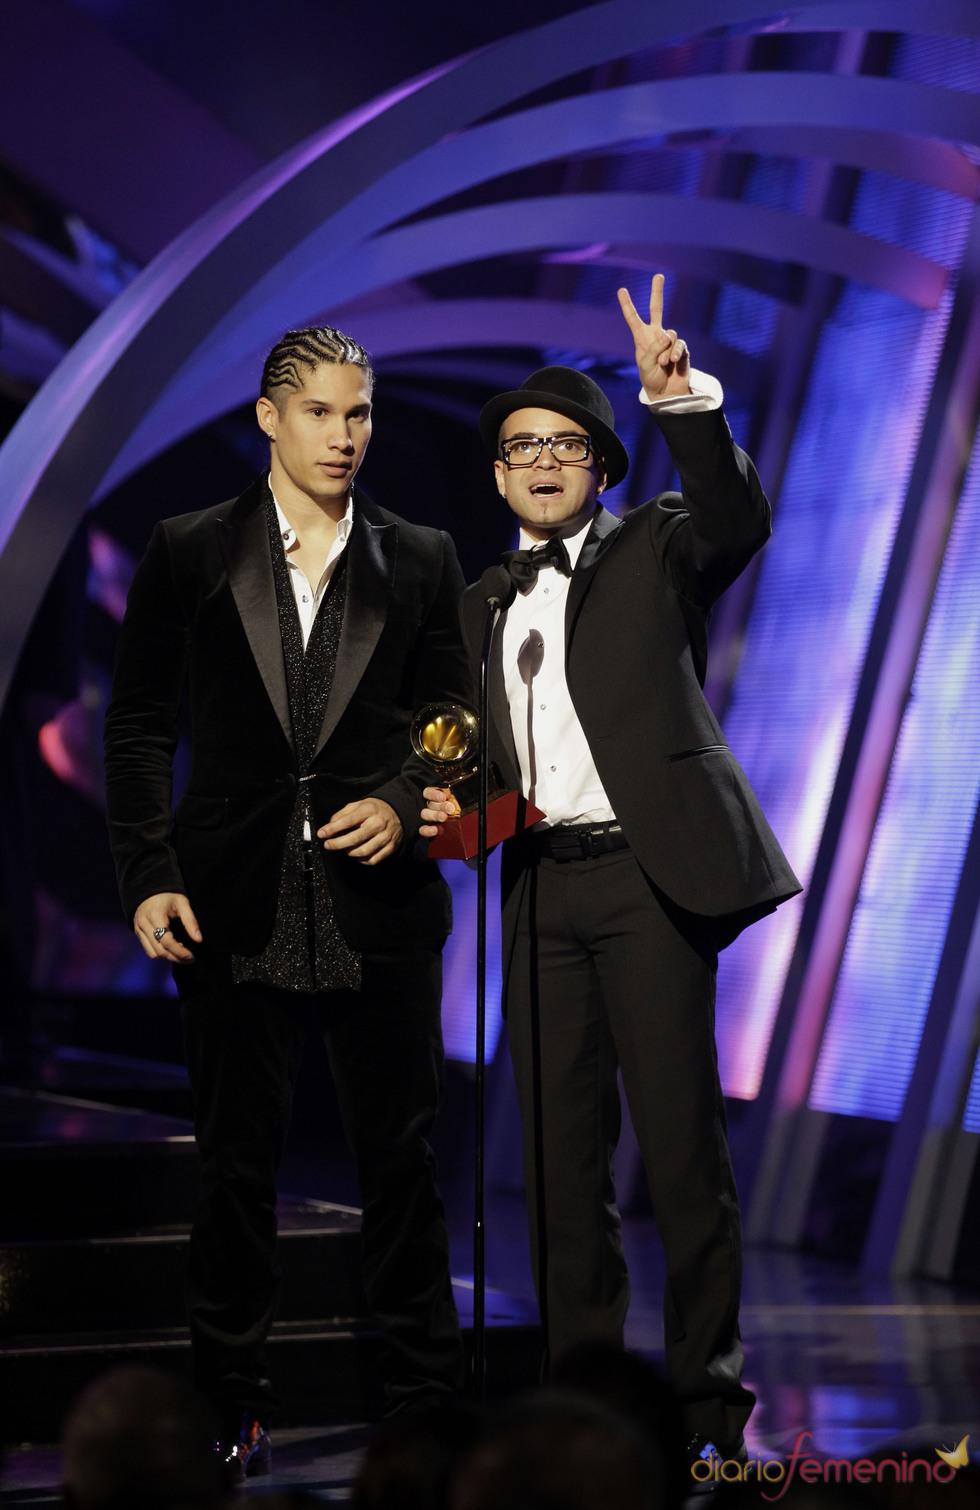 Los venezolanos Chino y Nacho triunfan en la ceremonia de los Grammy en la categoría de mejor álbum de música urbana